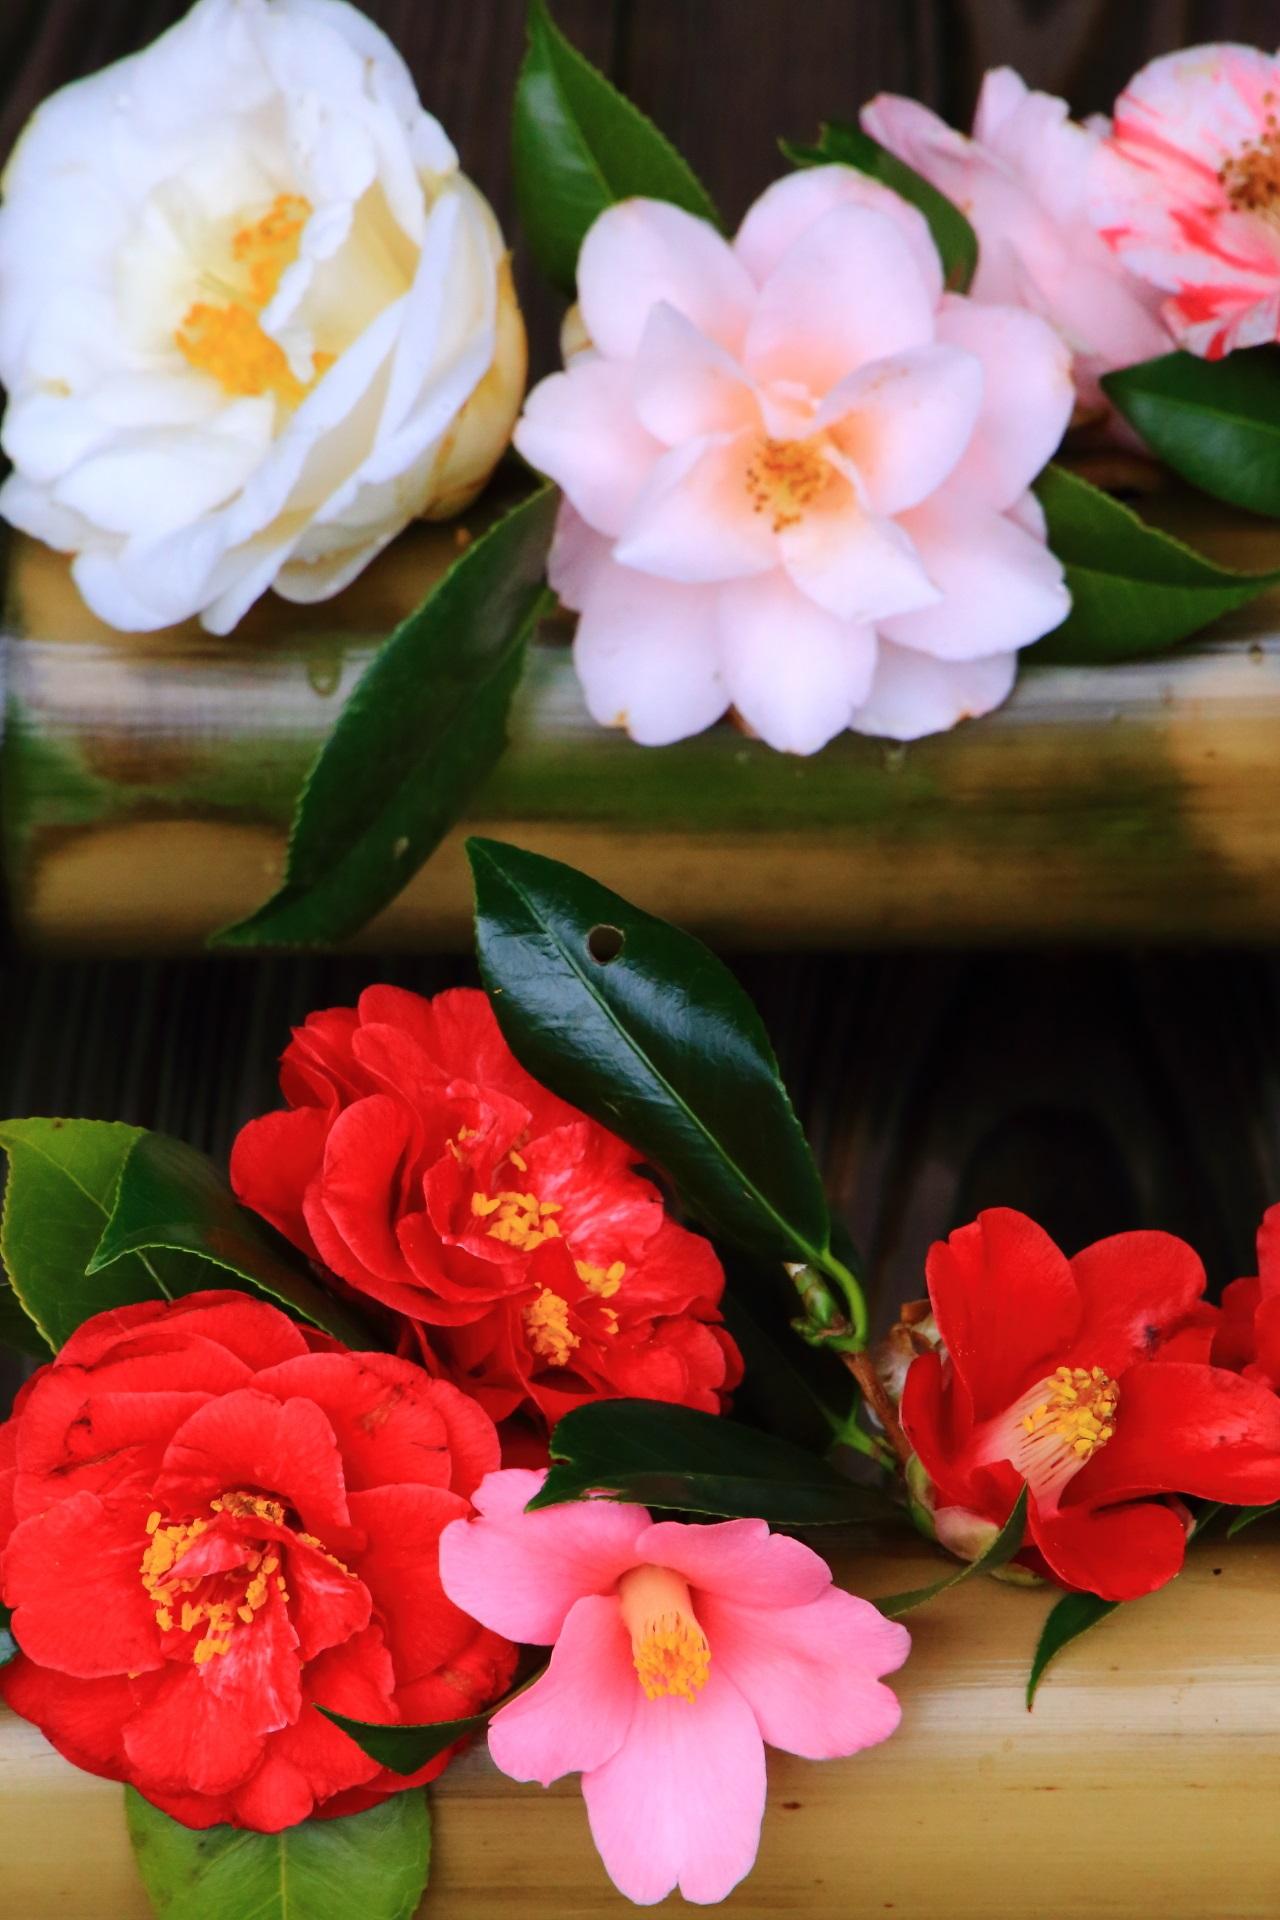 椿と一言に言っても色や花びらの形や花の造りの違う椿